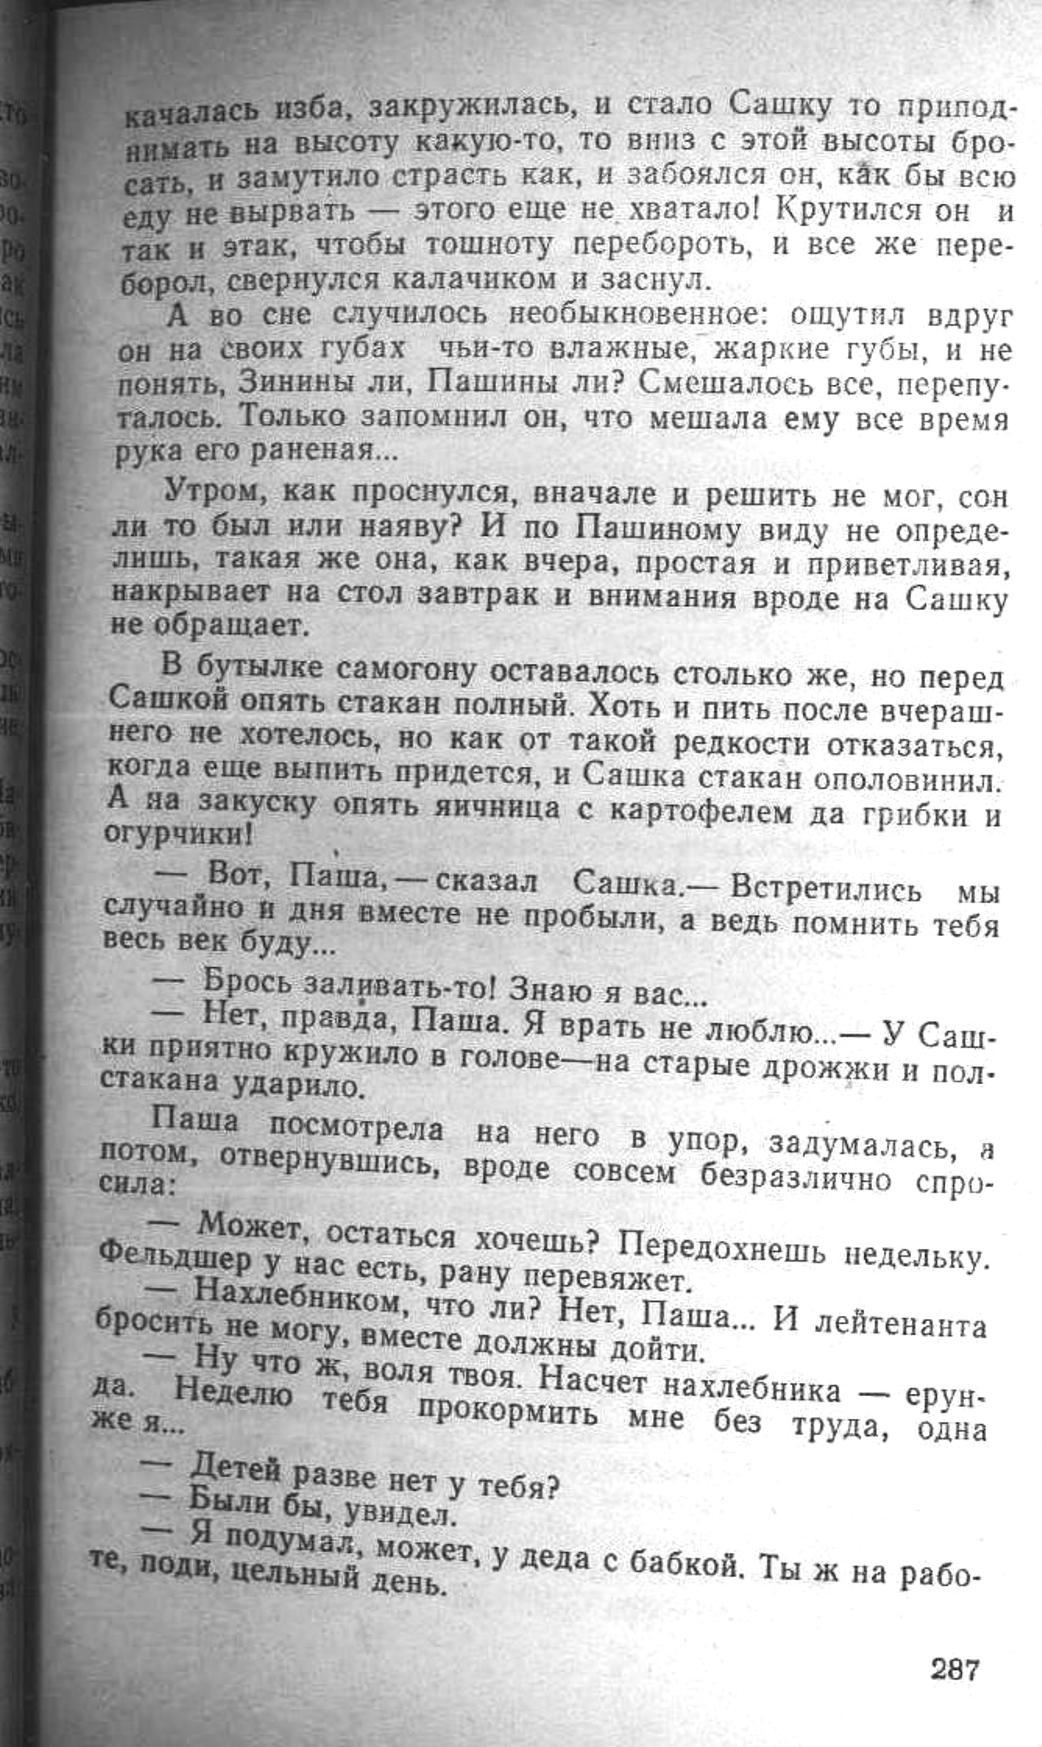 Сашка. Повесть. Вячеслав Кондратьев. 017. 002